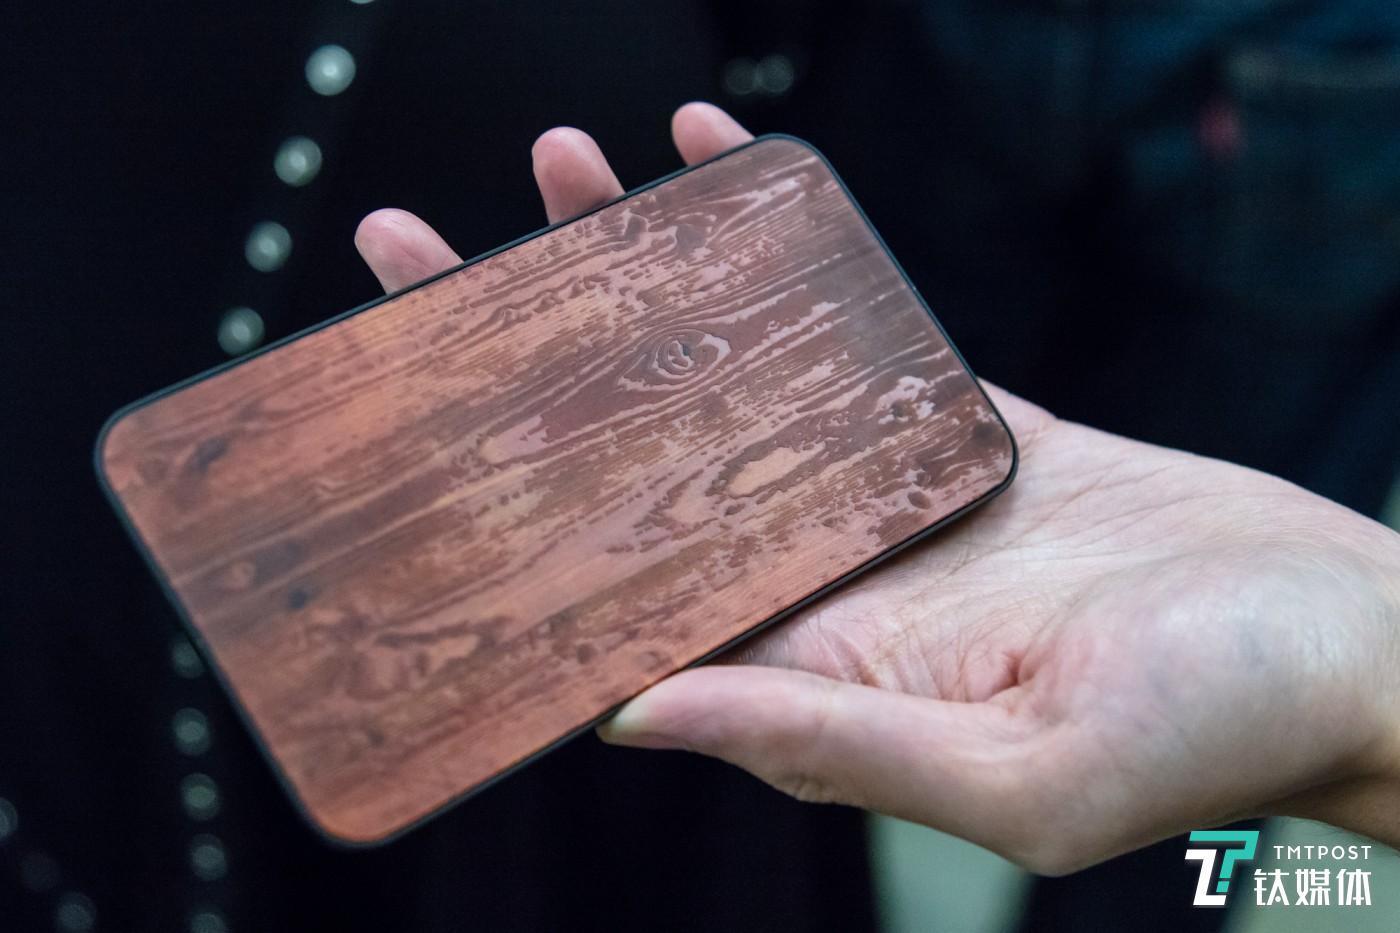 利用玻璃表面的雕刻技术模拟木制材料手感